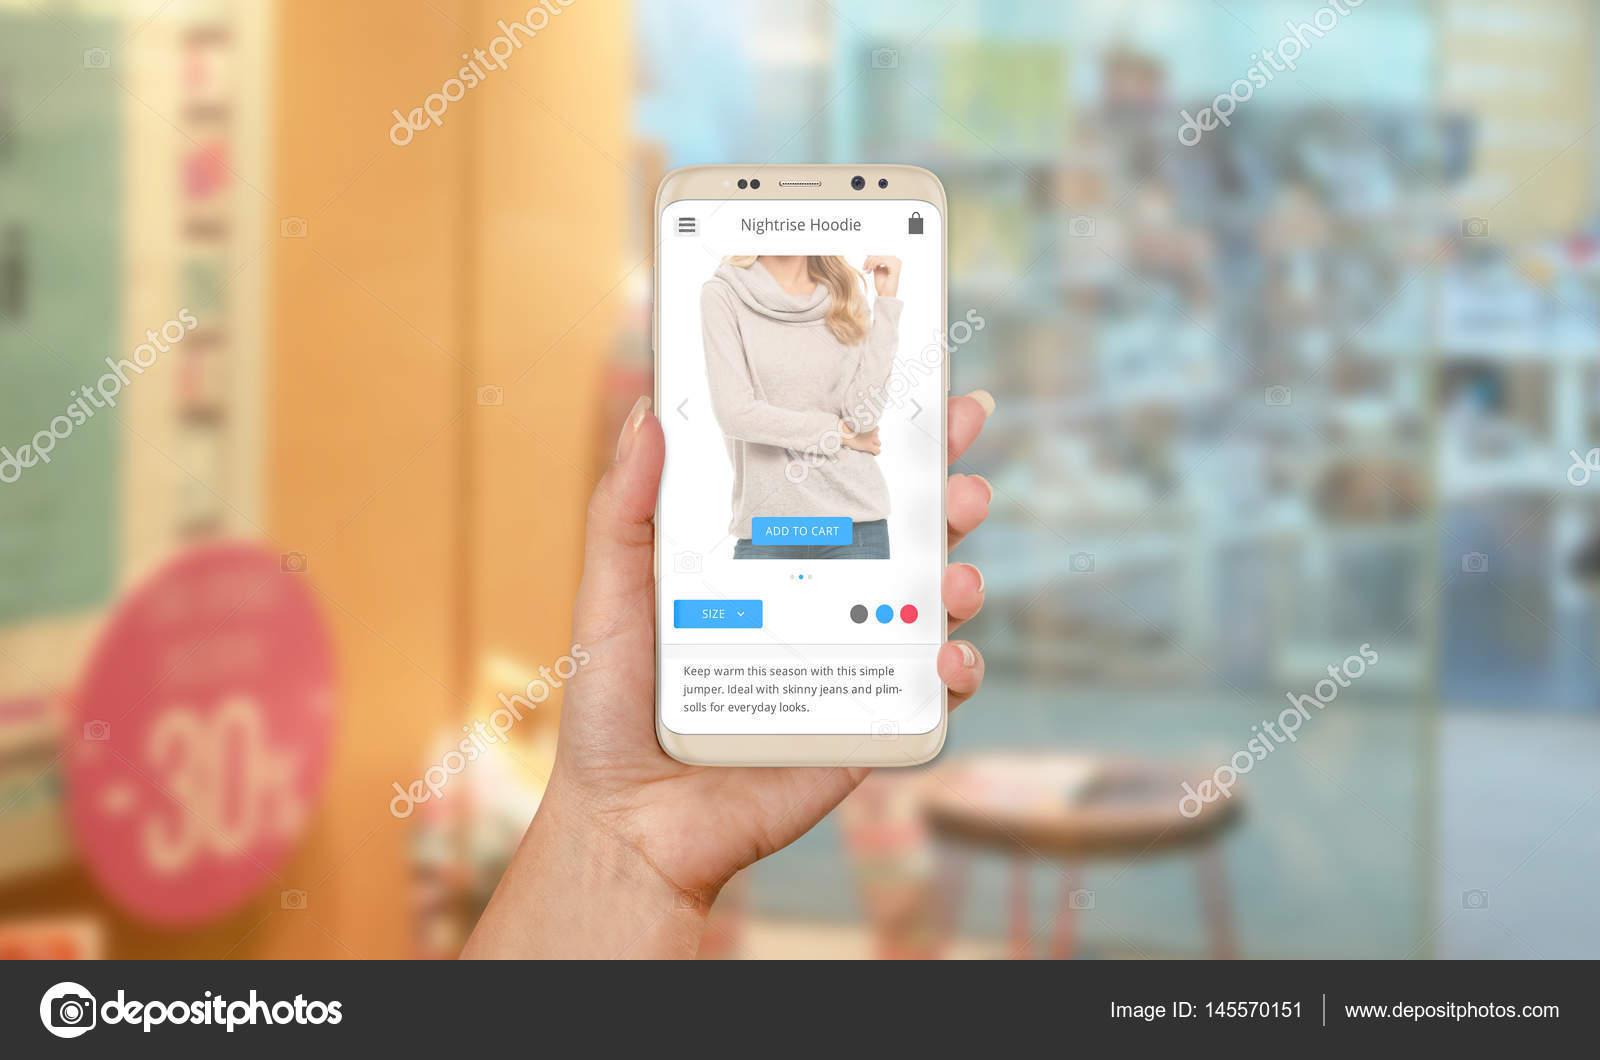 534c535eb65 Buscar ropa online a través de teléfono móvil. Venta de ropa y calzado  durante los días festivos y fines de semana. Centro comercial en el fondo–  imagen de ...